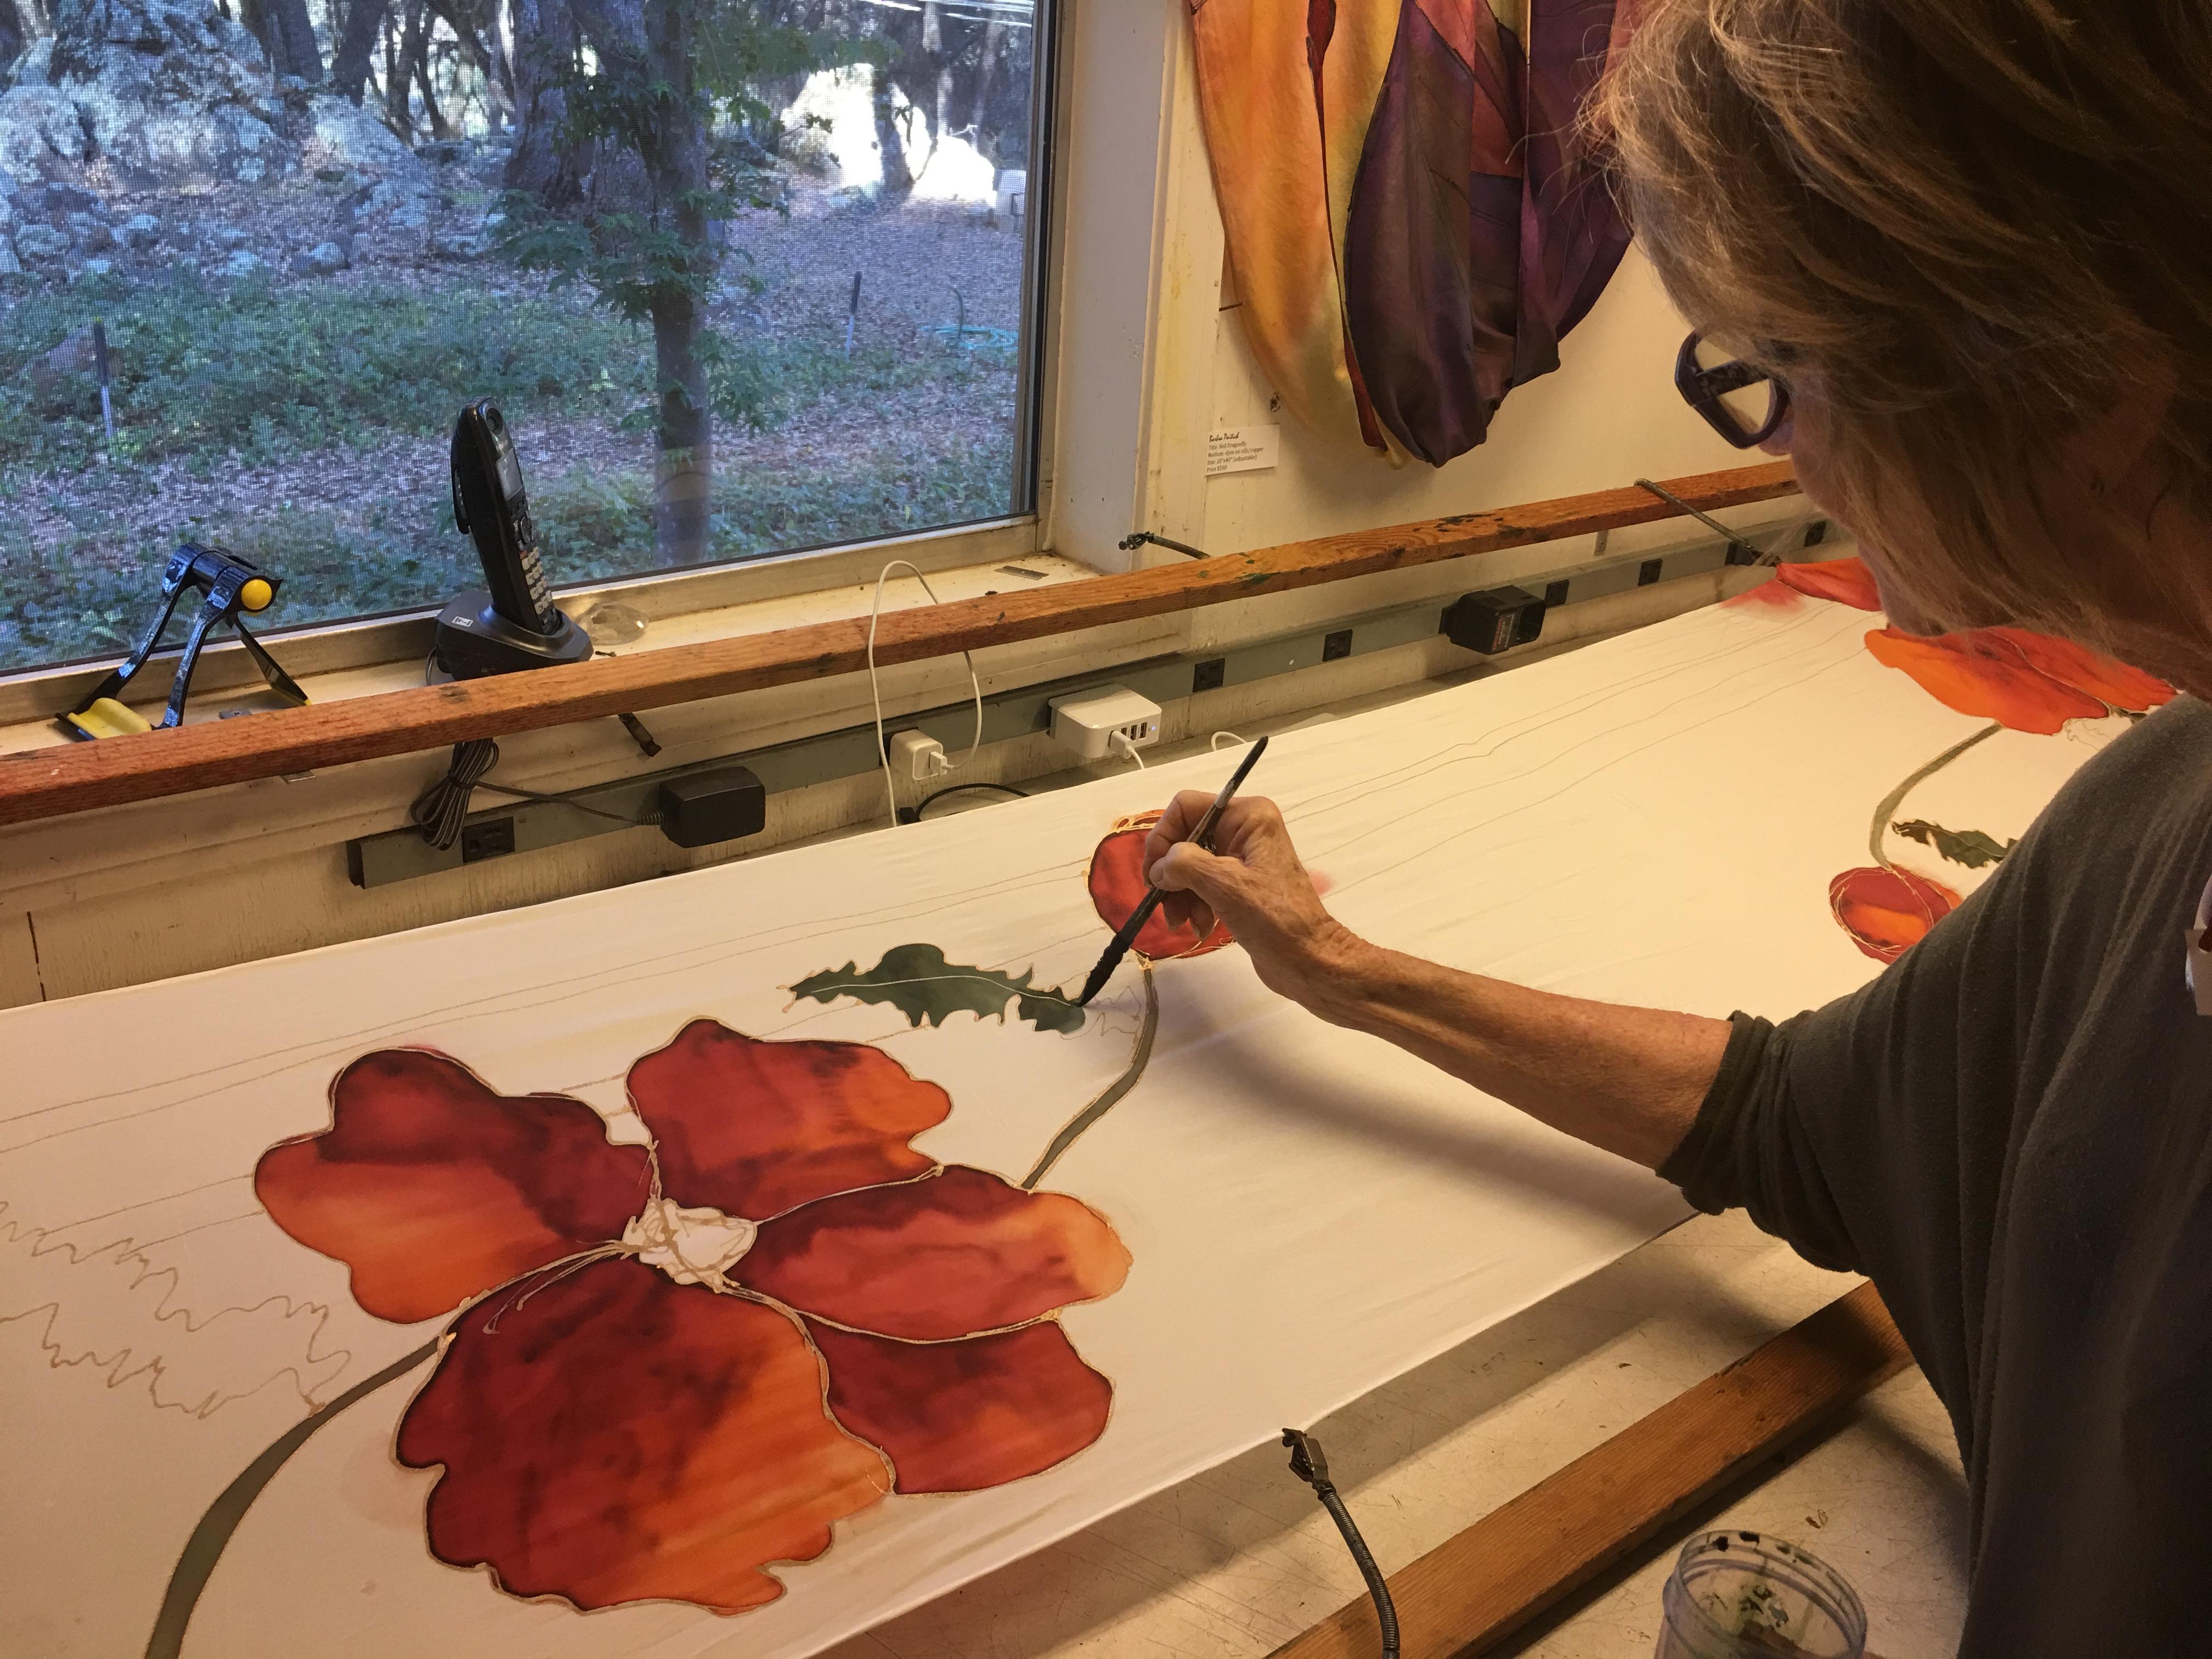 Barbra painting in studio